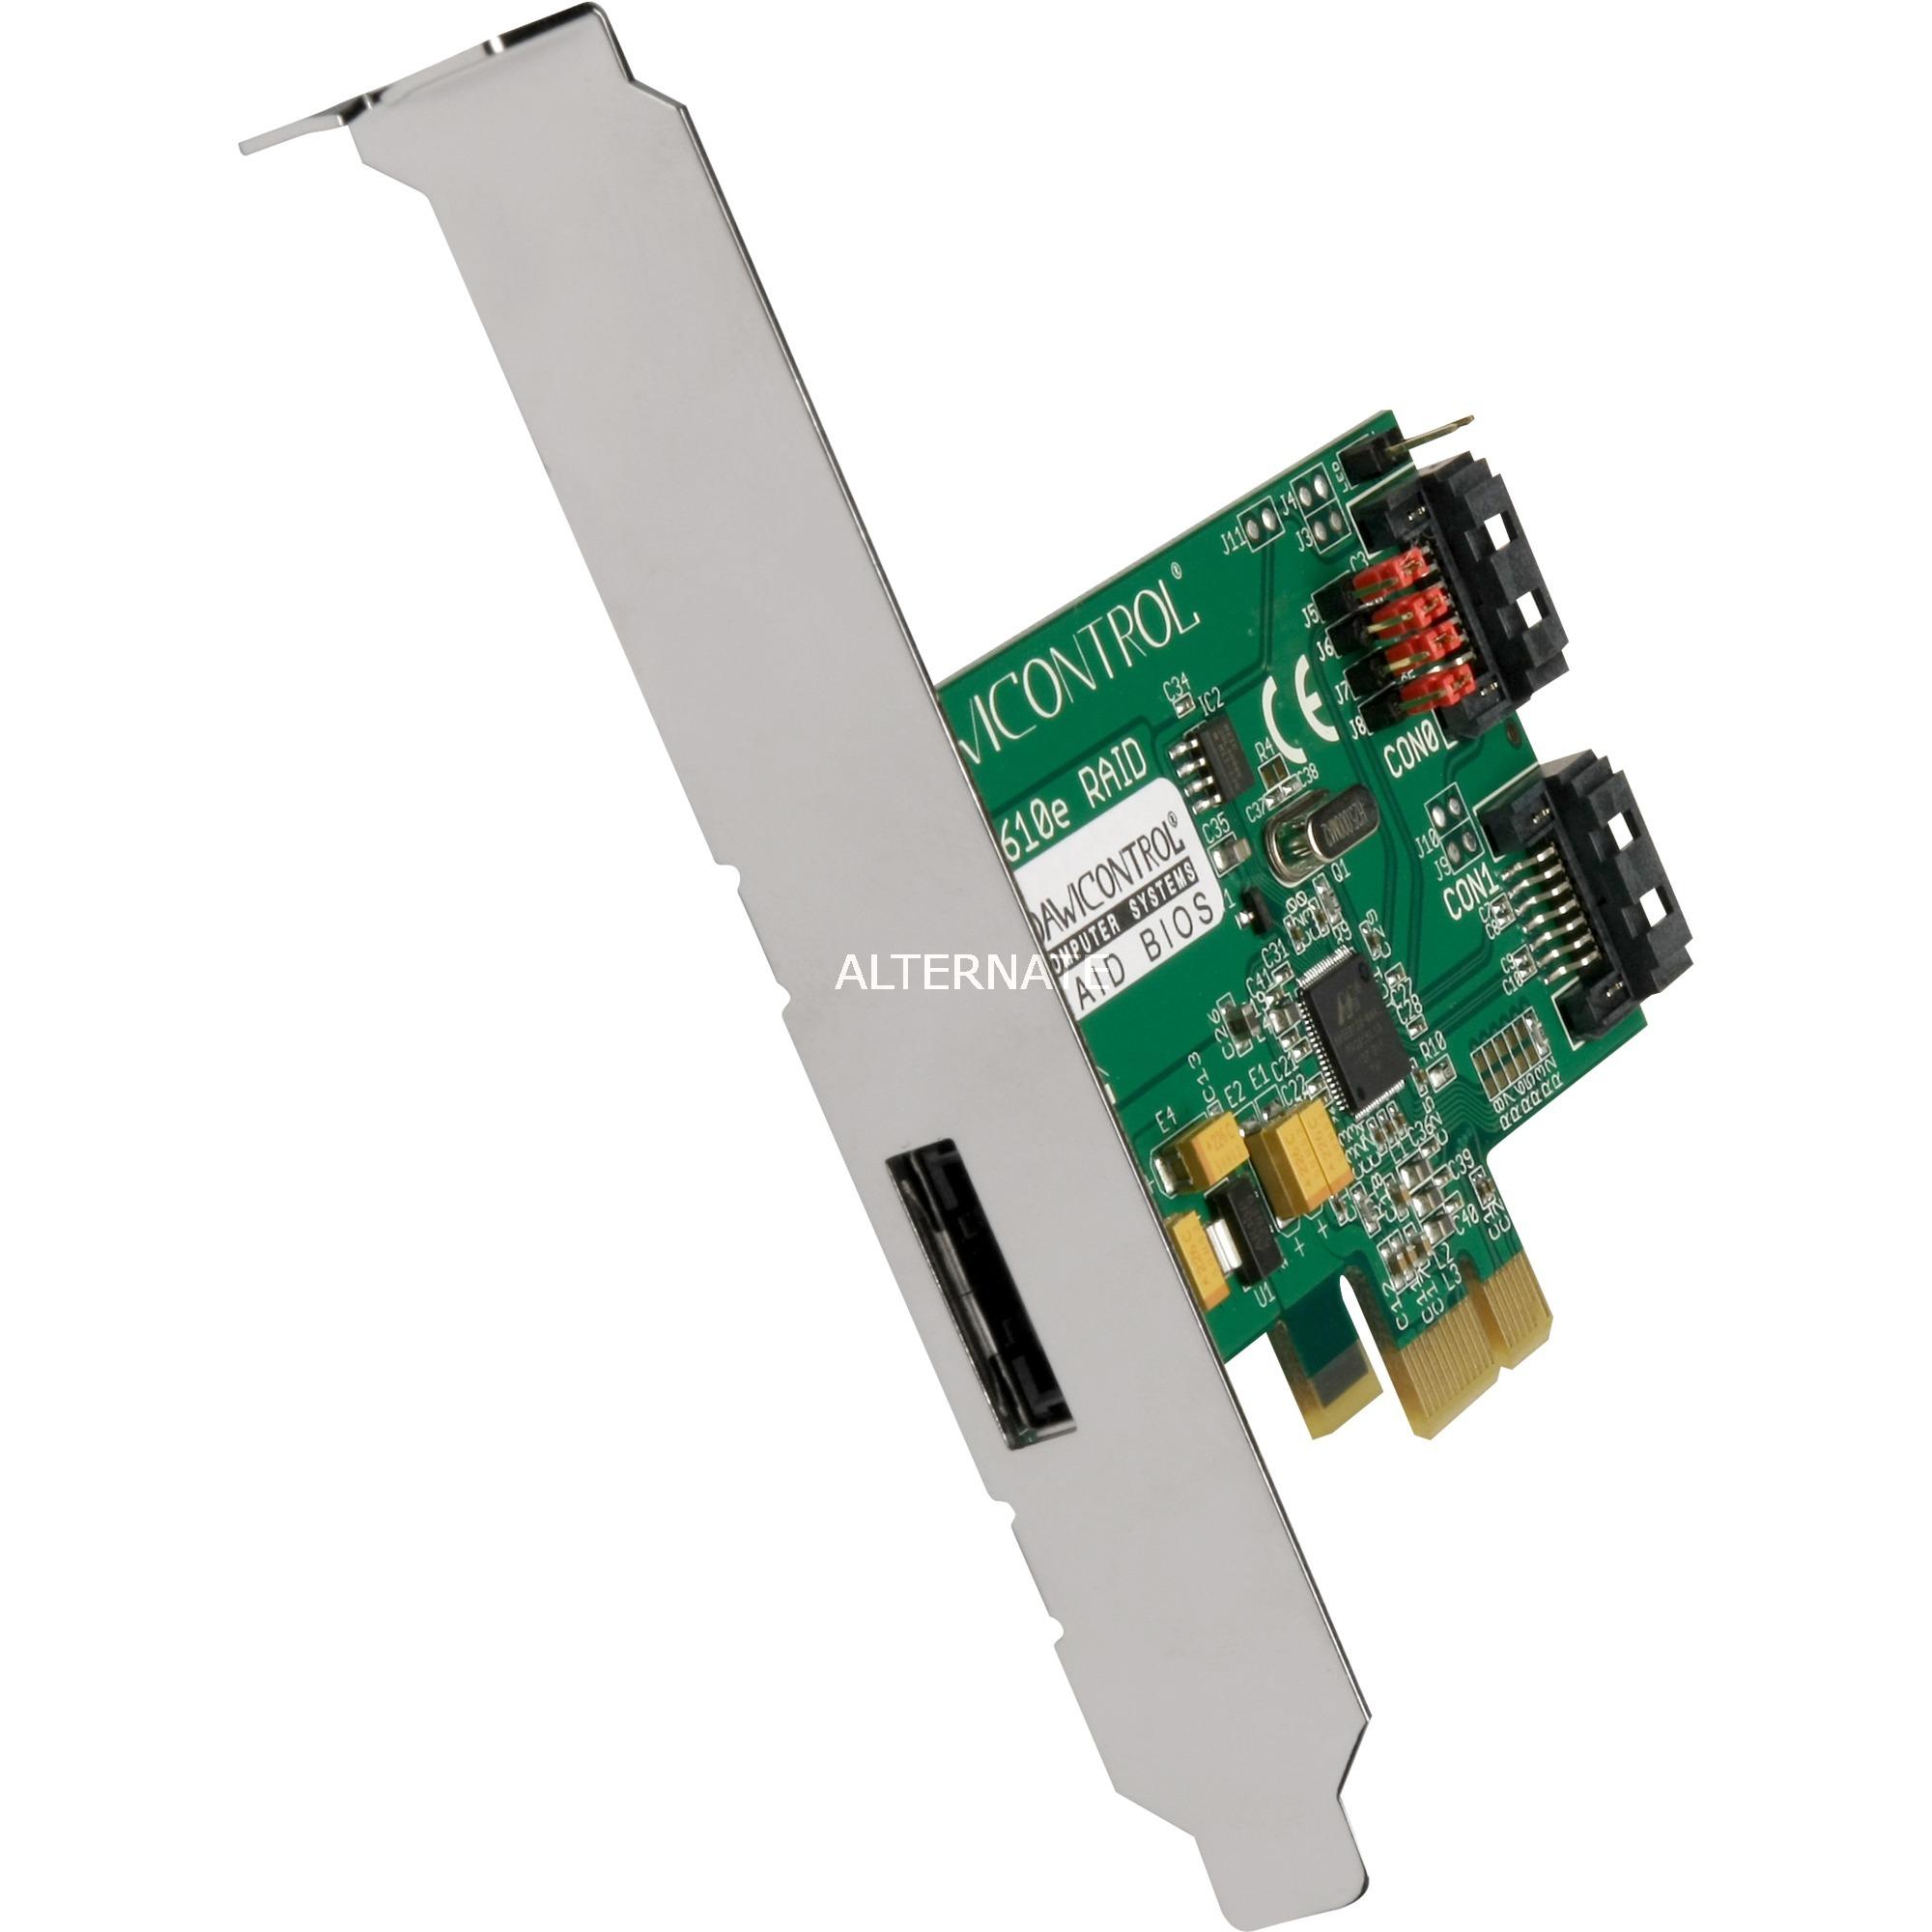 DC-610E RAID controlado RAID 2.0 5 Gbit/s, Controlador